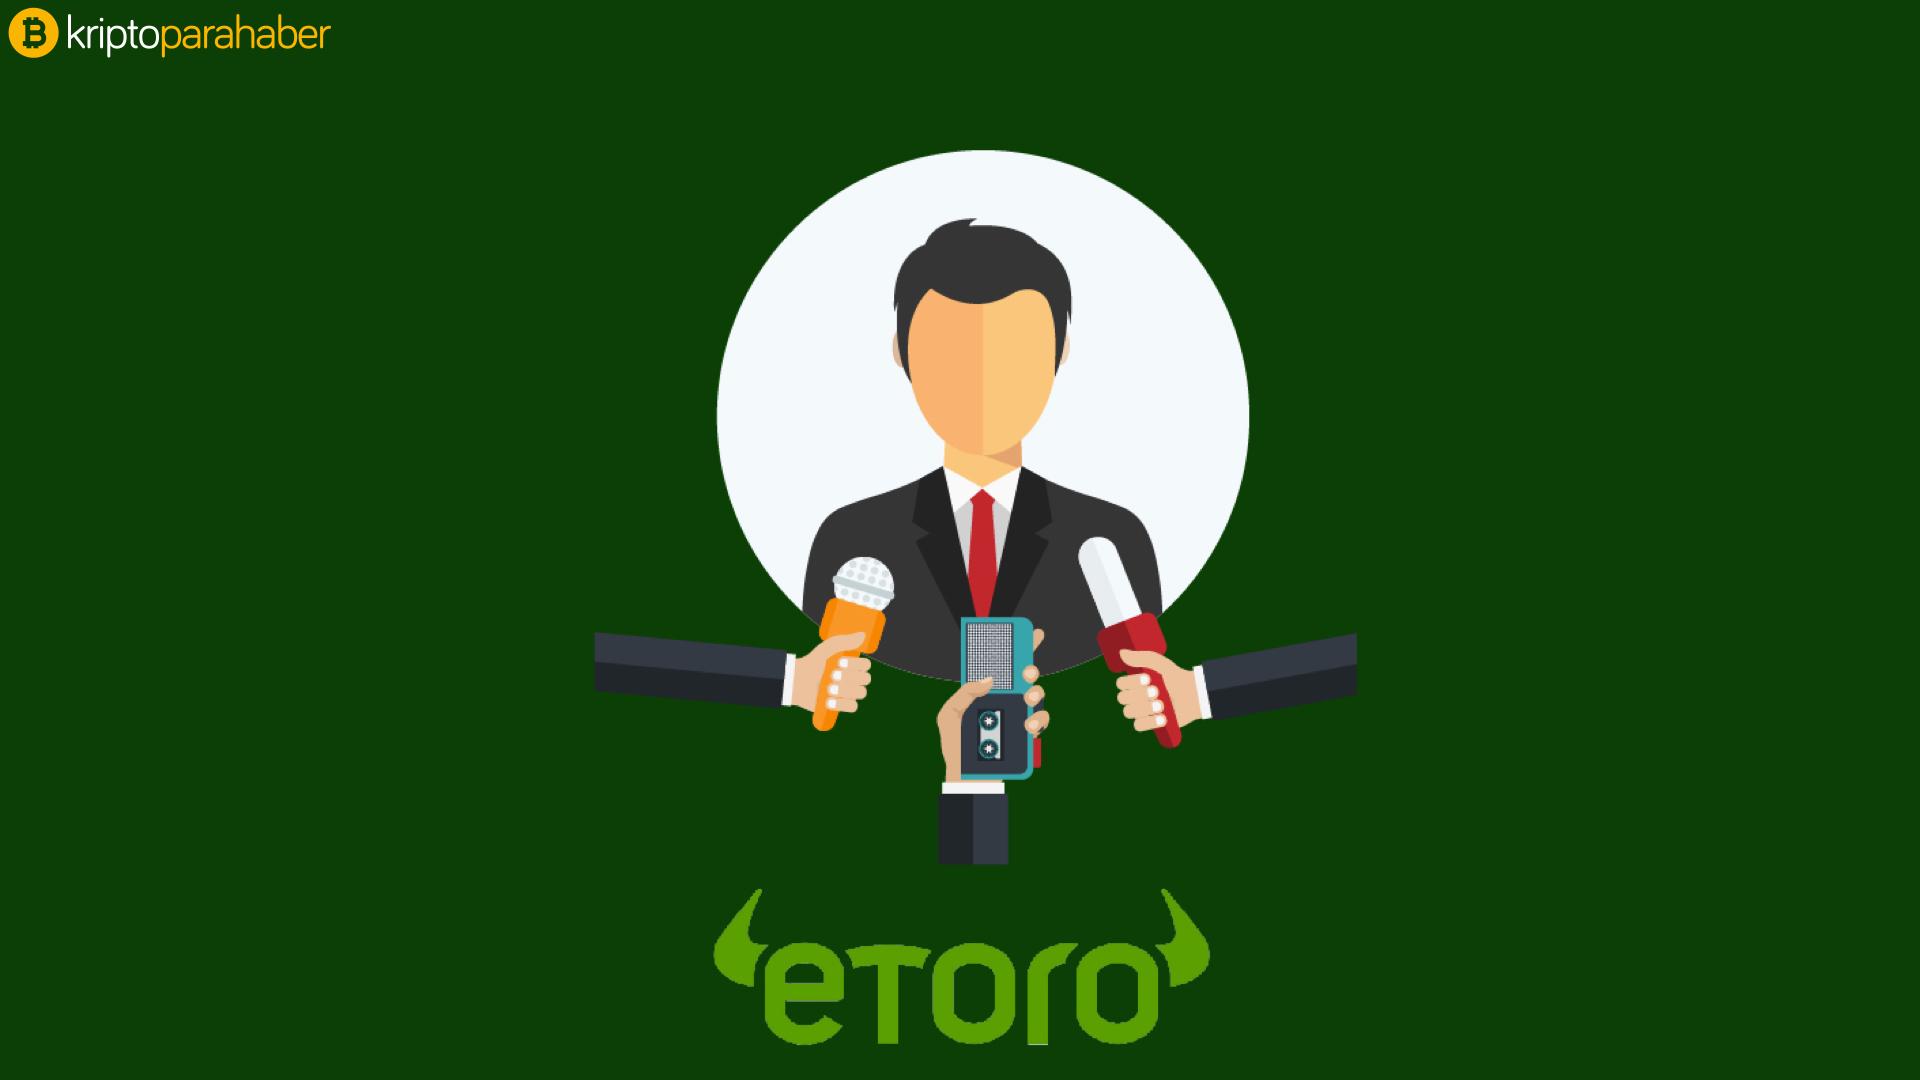 Ticaret devi eToro'dan yepyeni pasif gelir kaynağı: GoodDollar